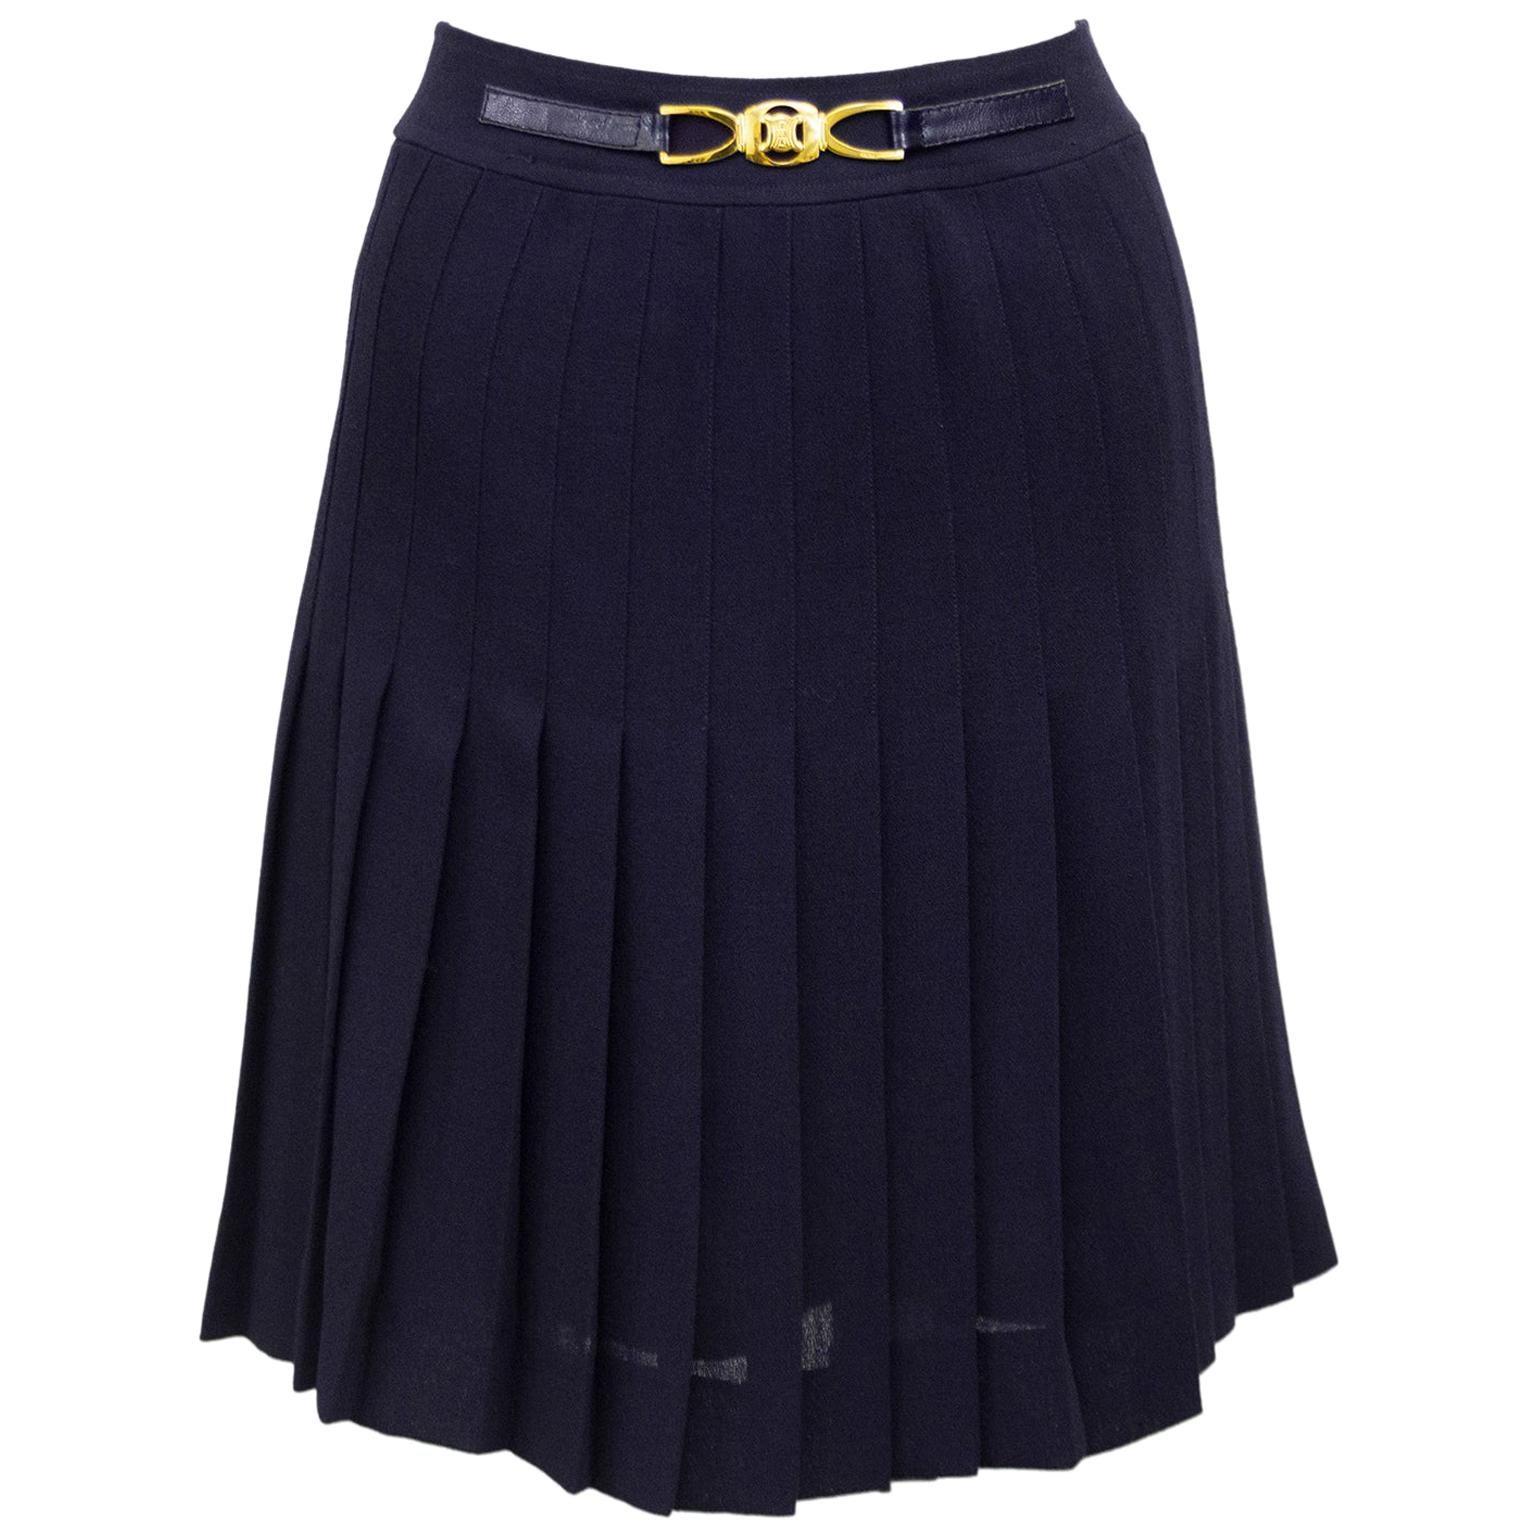 1970s Celine Navy Pleated Skirt